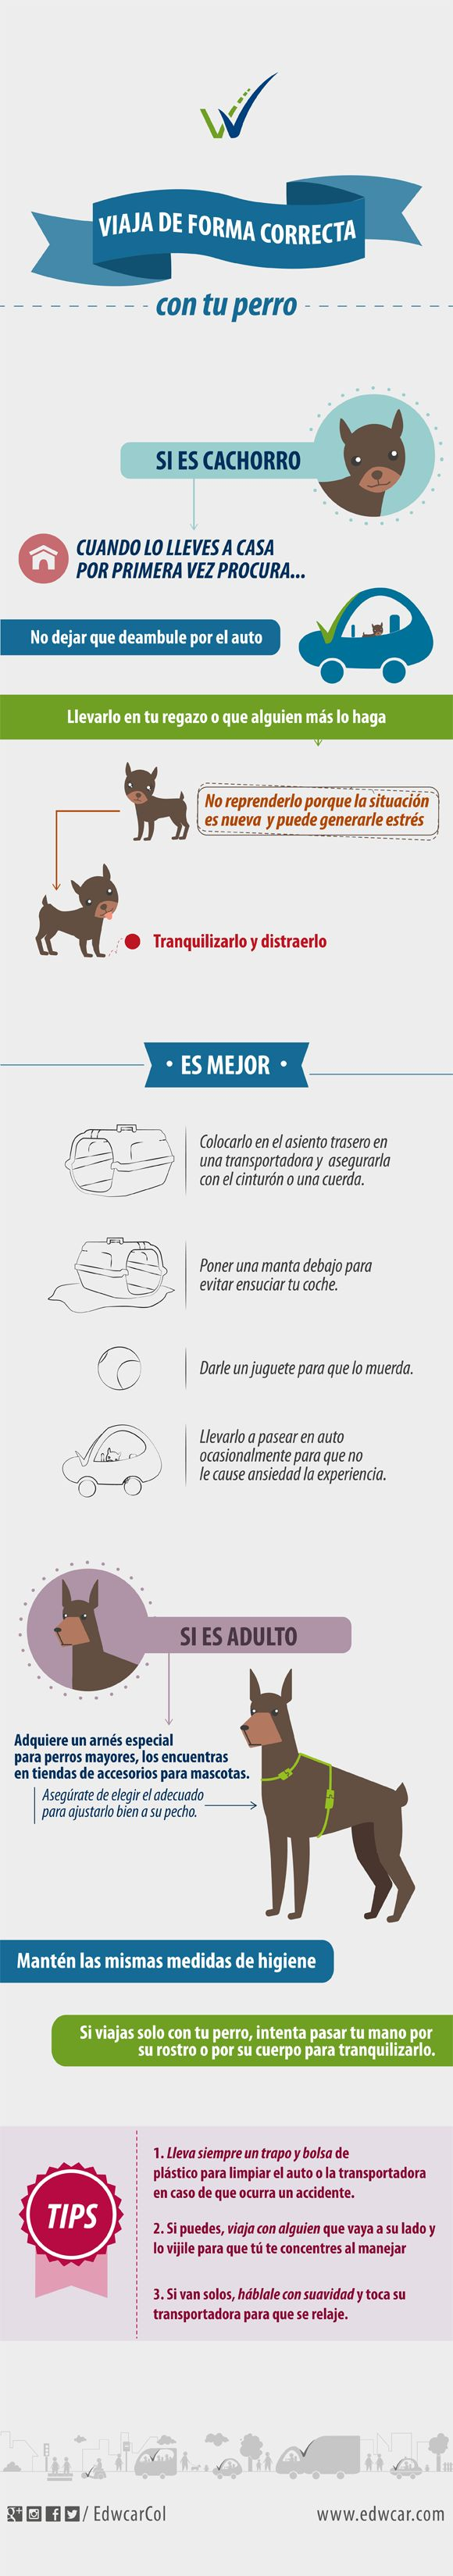 Tips para viajar con tu mascota en el auto.